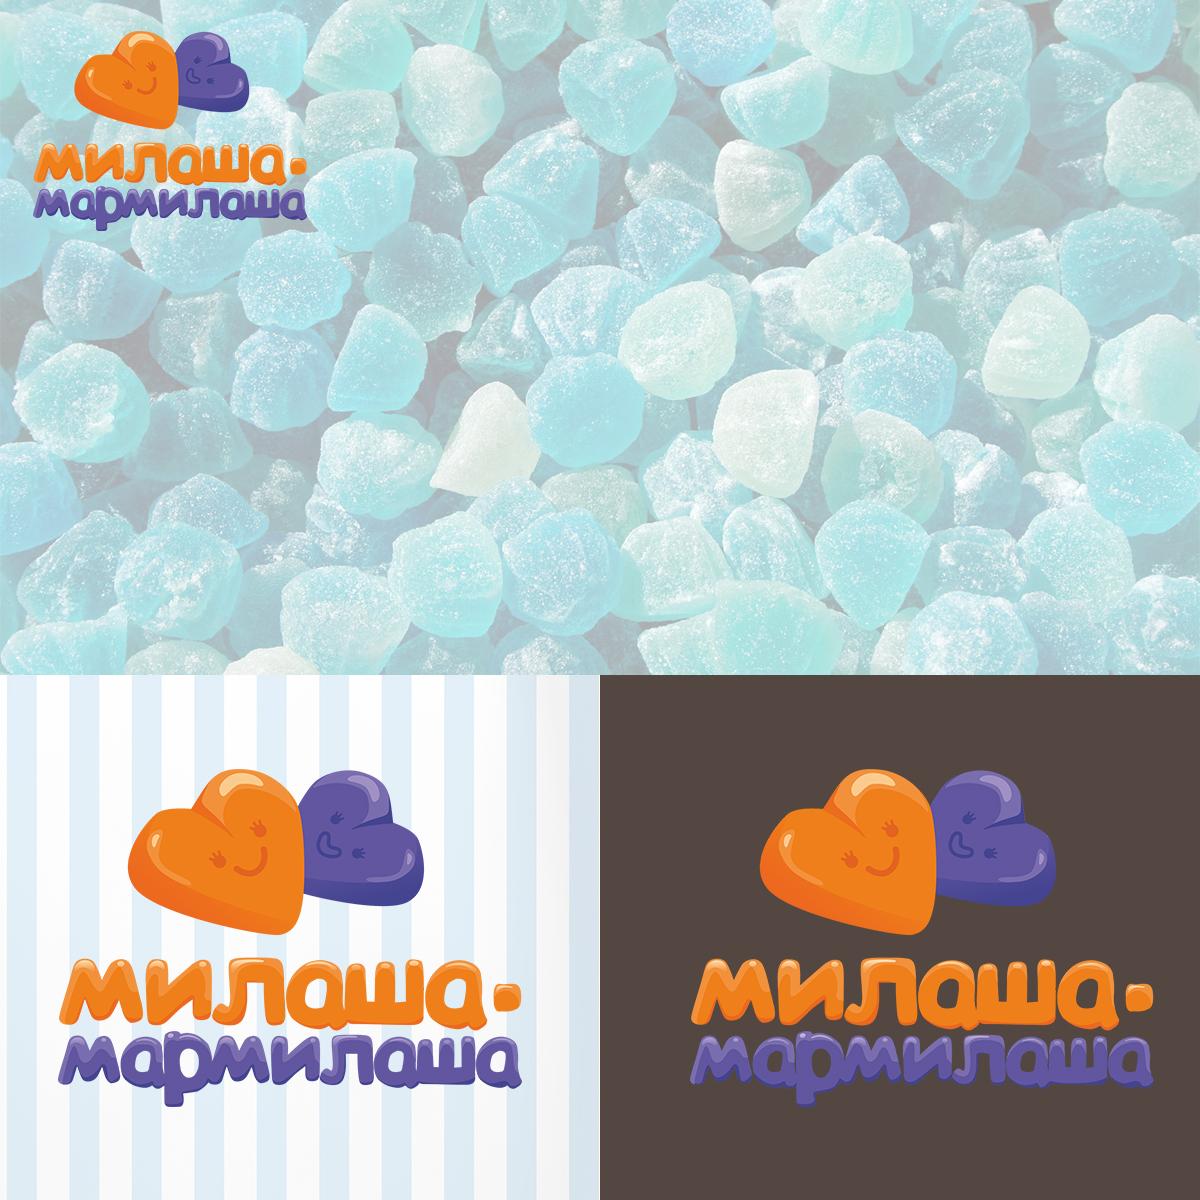 """Логотип для товарного знака """"Милаша-Мармилаша"""" фото f_397587650b0f0af8.jpg"""